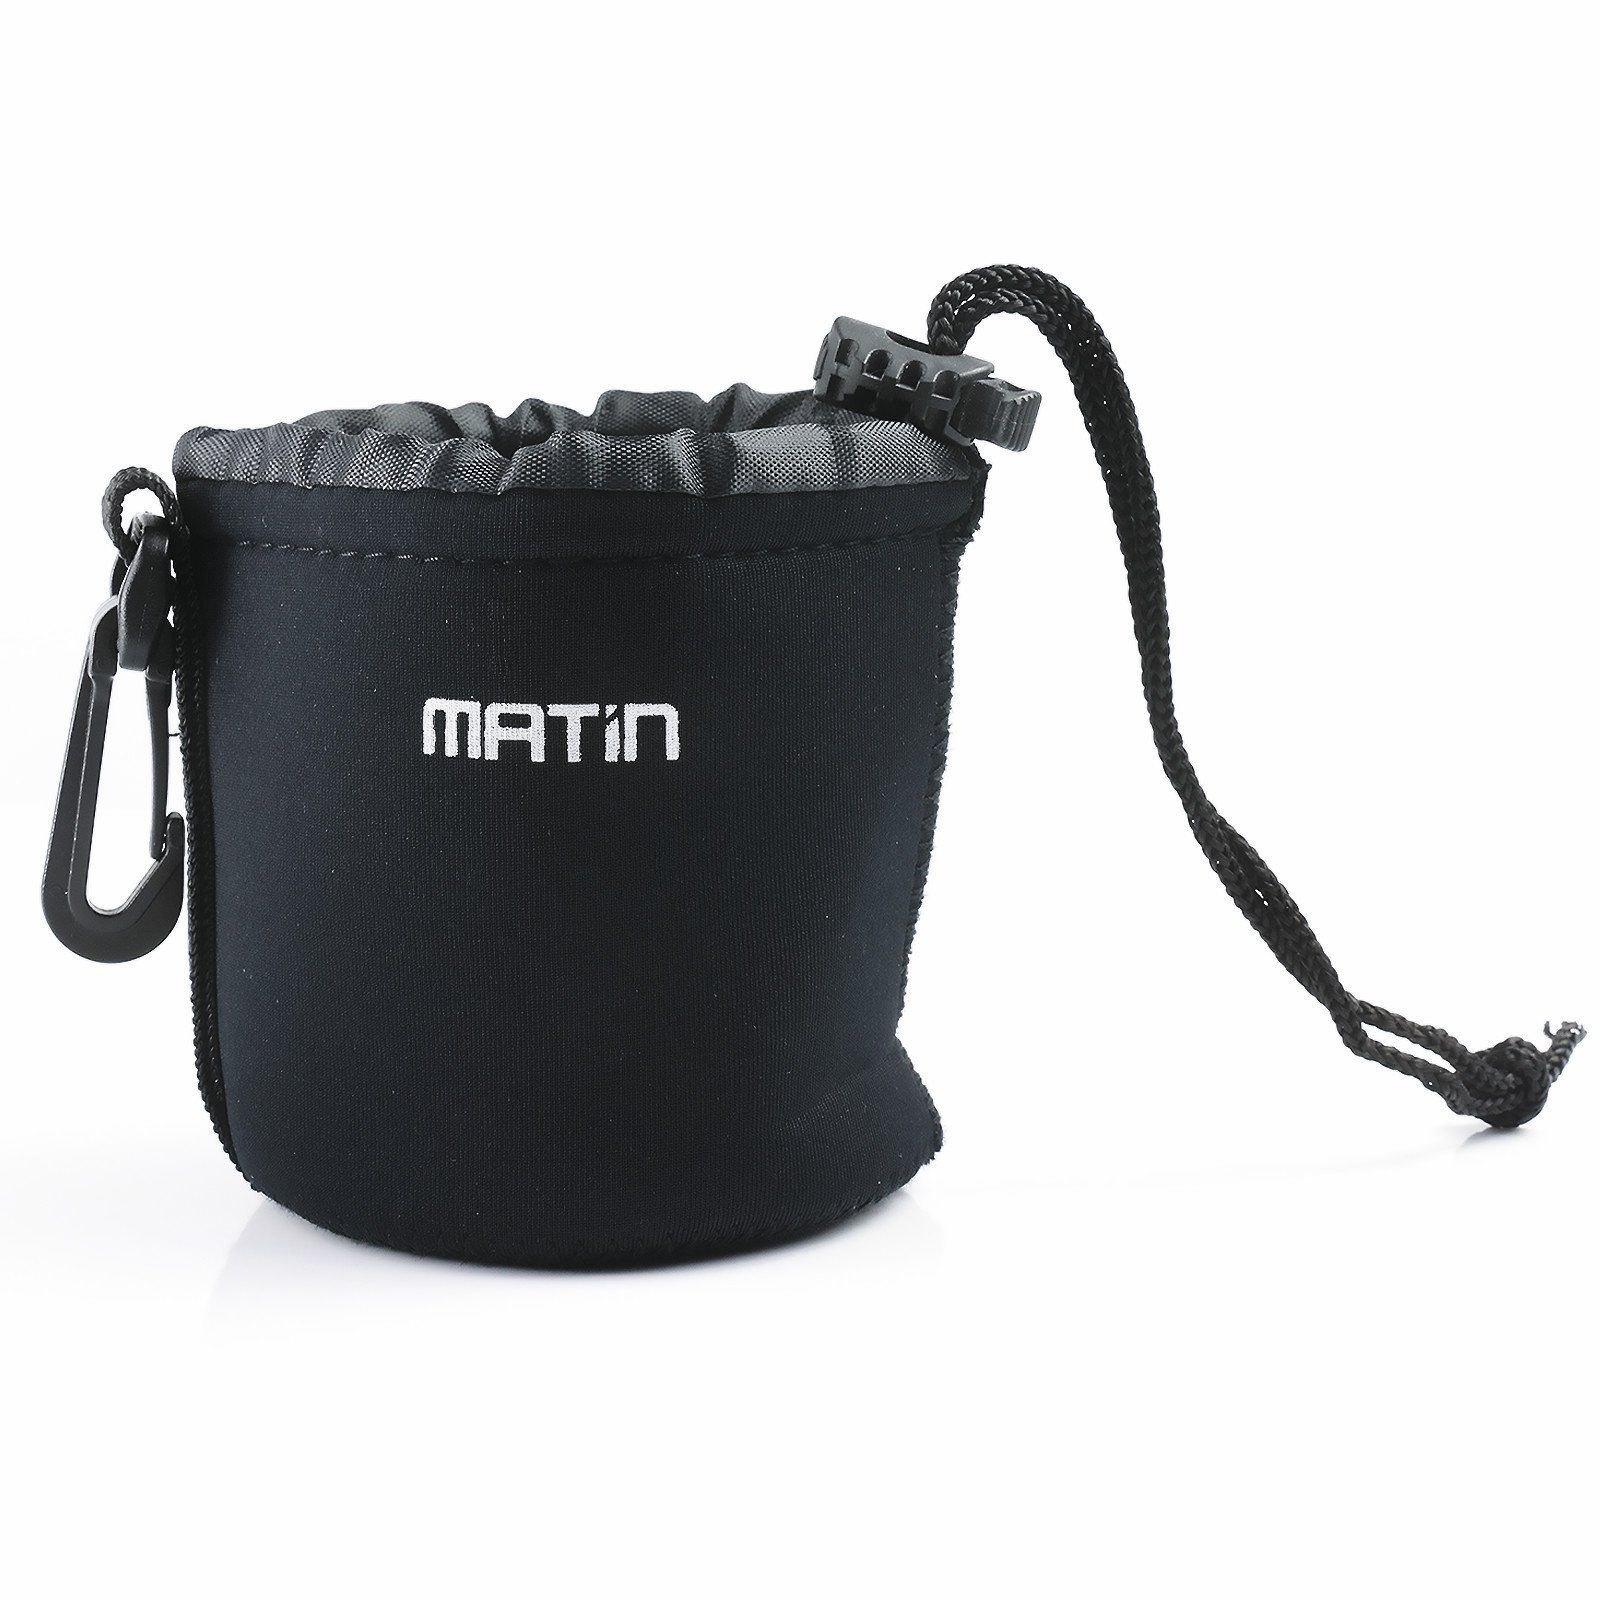 01 Túi chống sốc cho ống kính Lens máy ảnh Matin size S_chiều cao tối đa 8cm